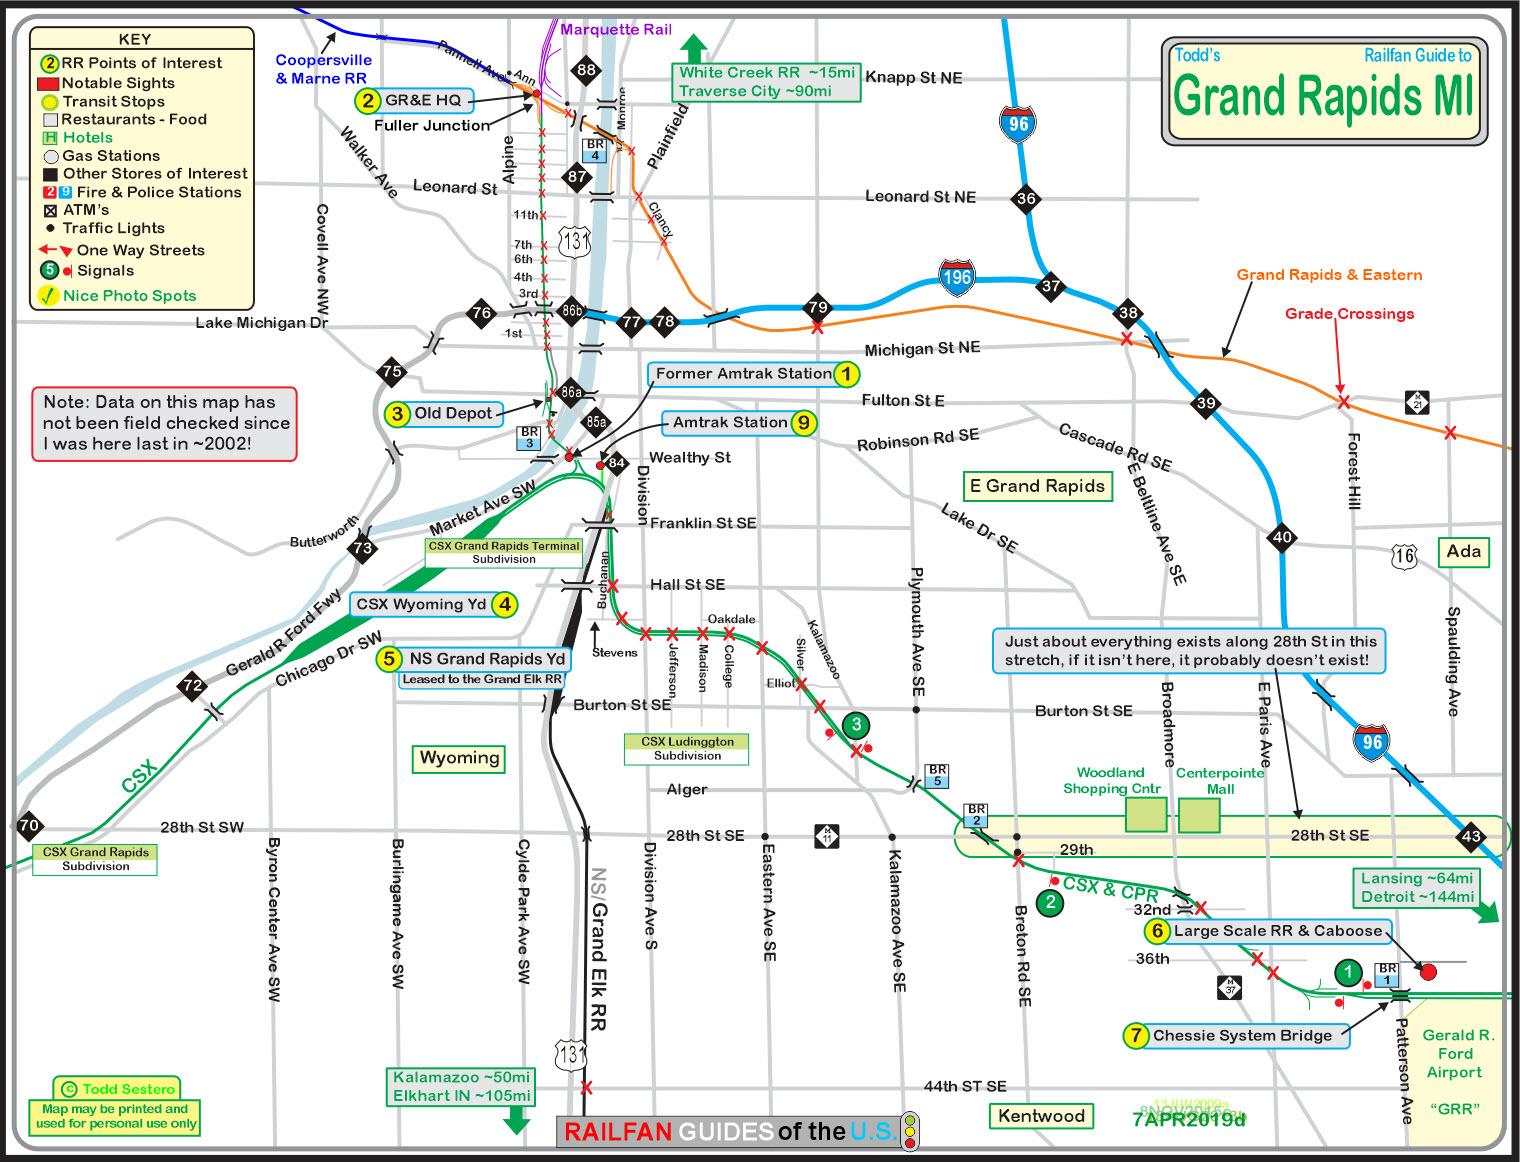 Grand Rapids Mi Railfan Guide